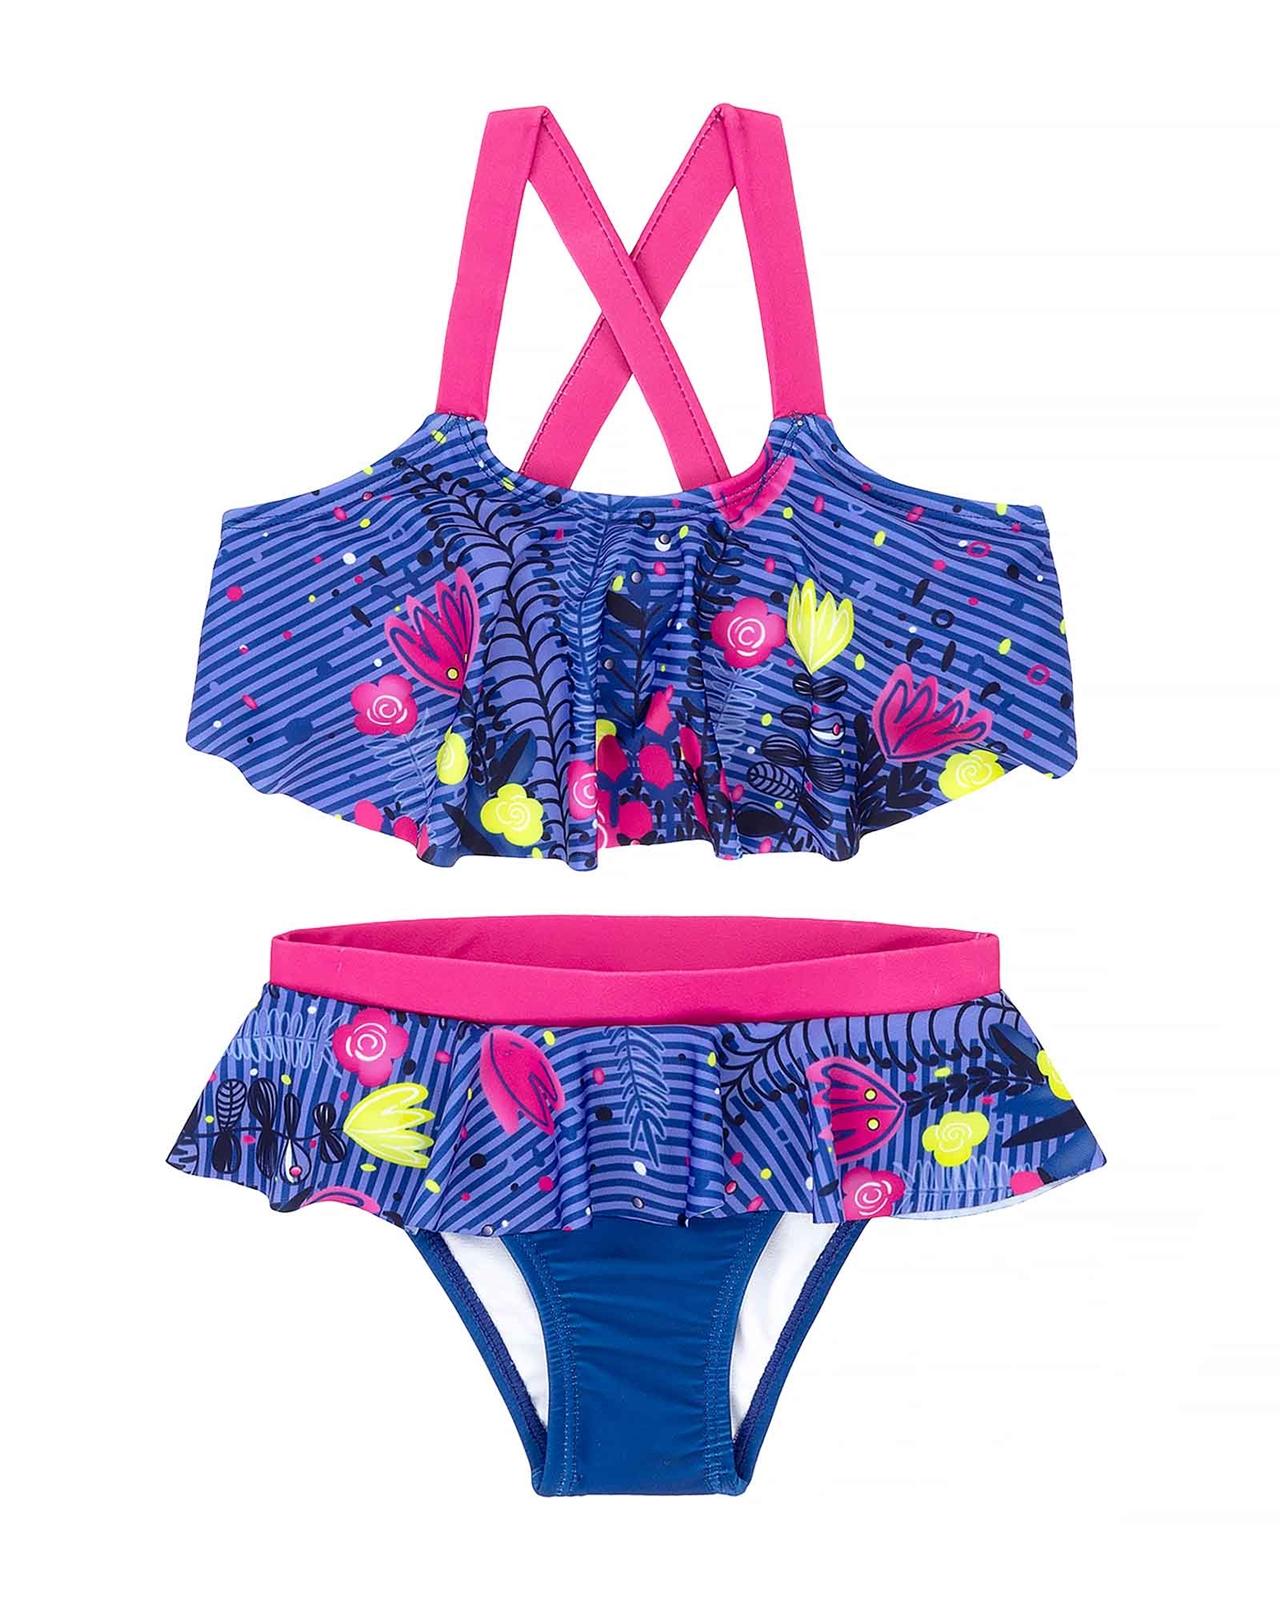 Sizes 18M-6 Deux par Deux Little Girls One Piece Rashguard Swimsuit Playa Del Mar